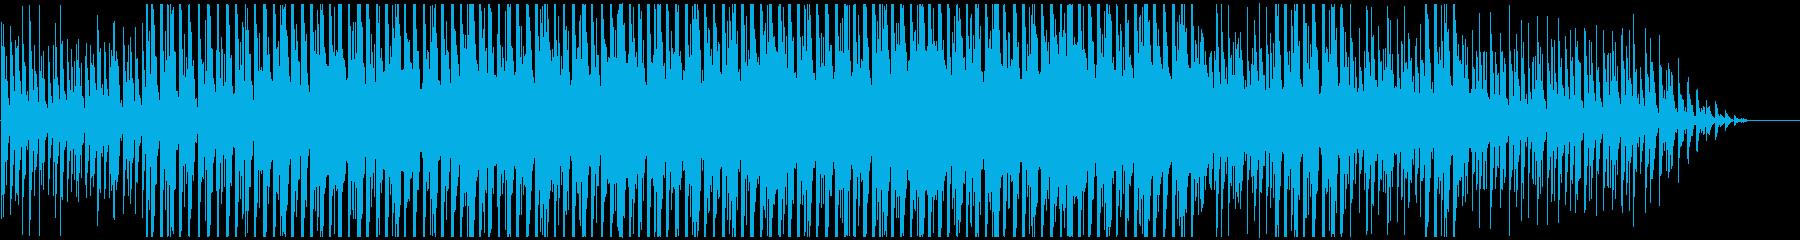 チュートリアル/デジタル/近未来的の再生済みの波形